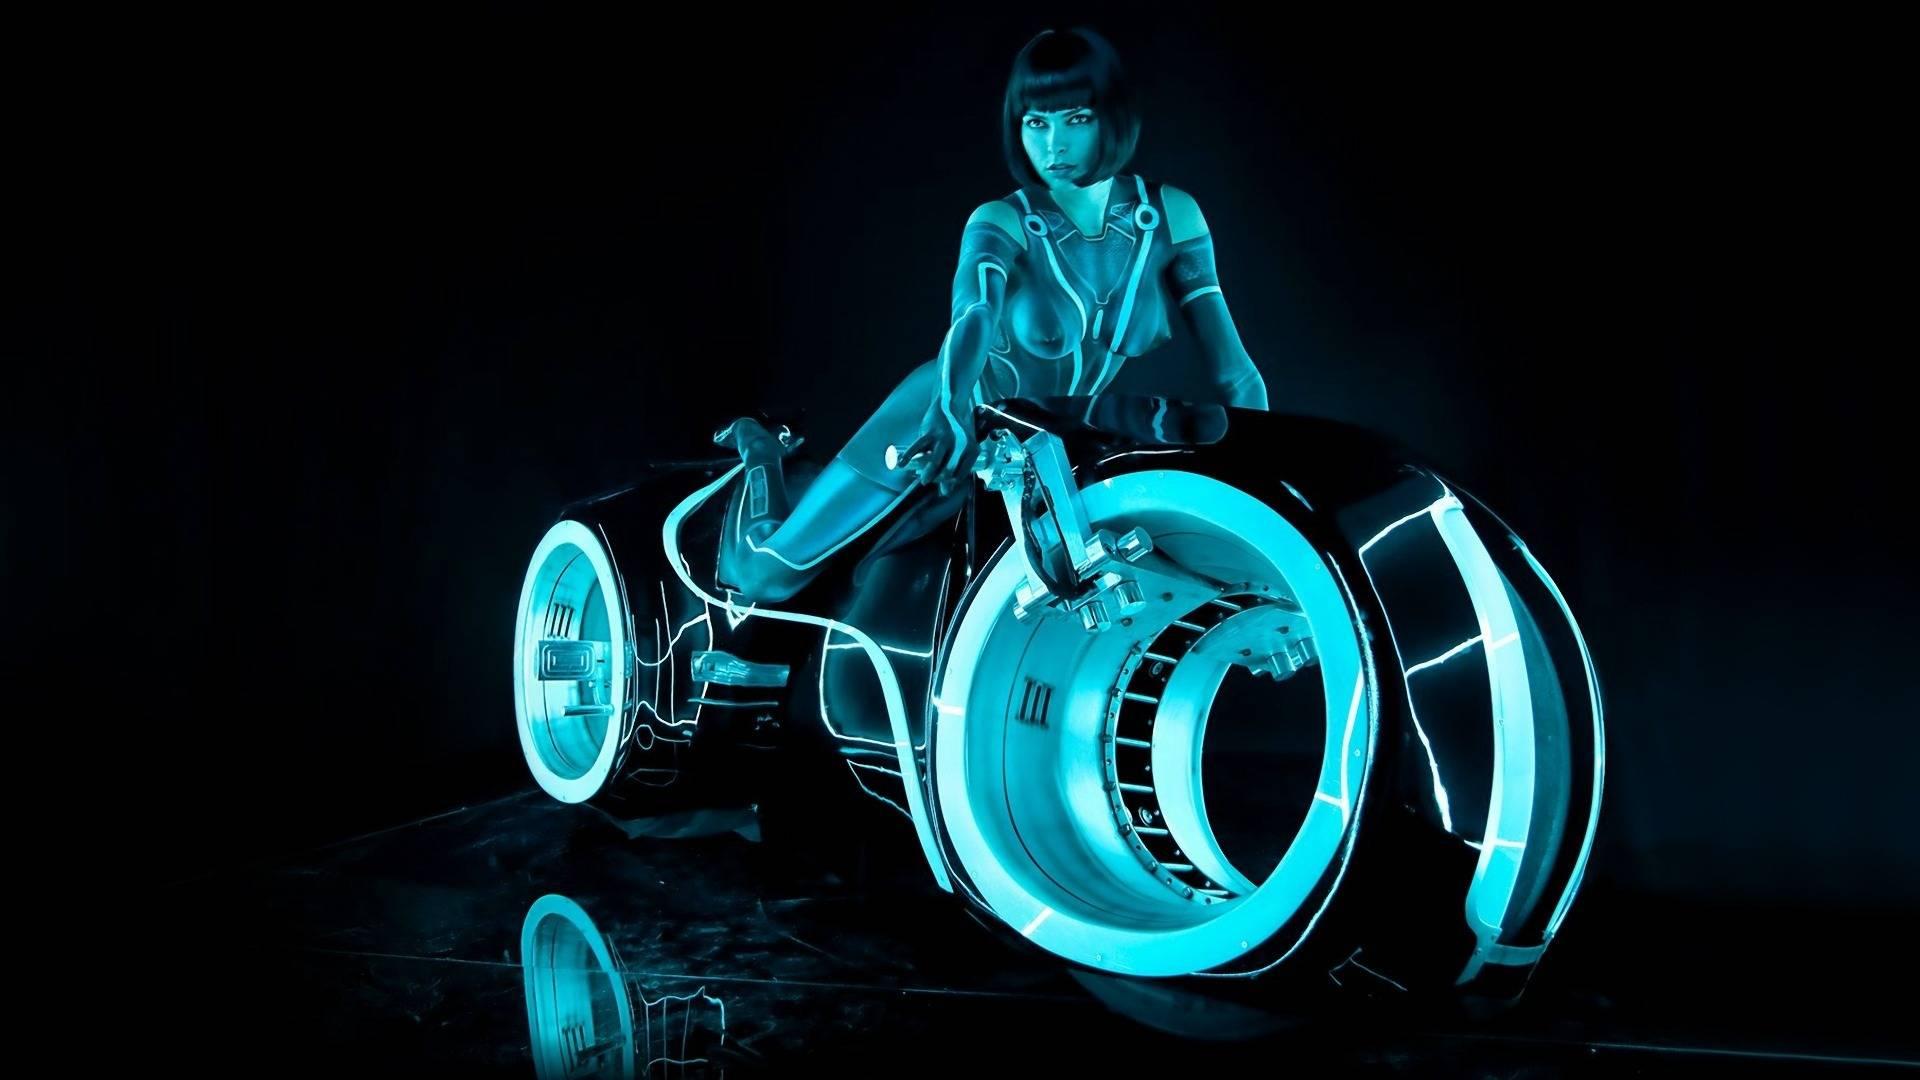 обои мотоцикл, фильм Трон картинки фото